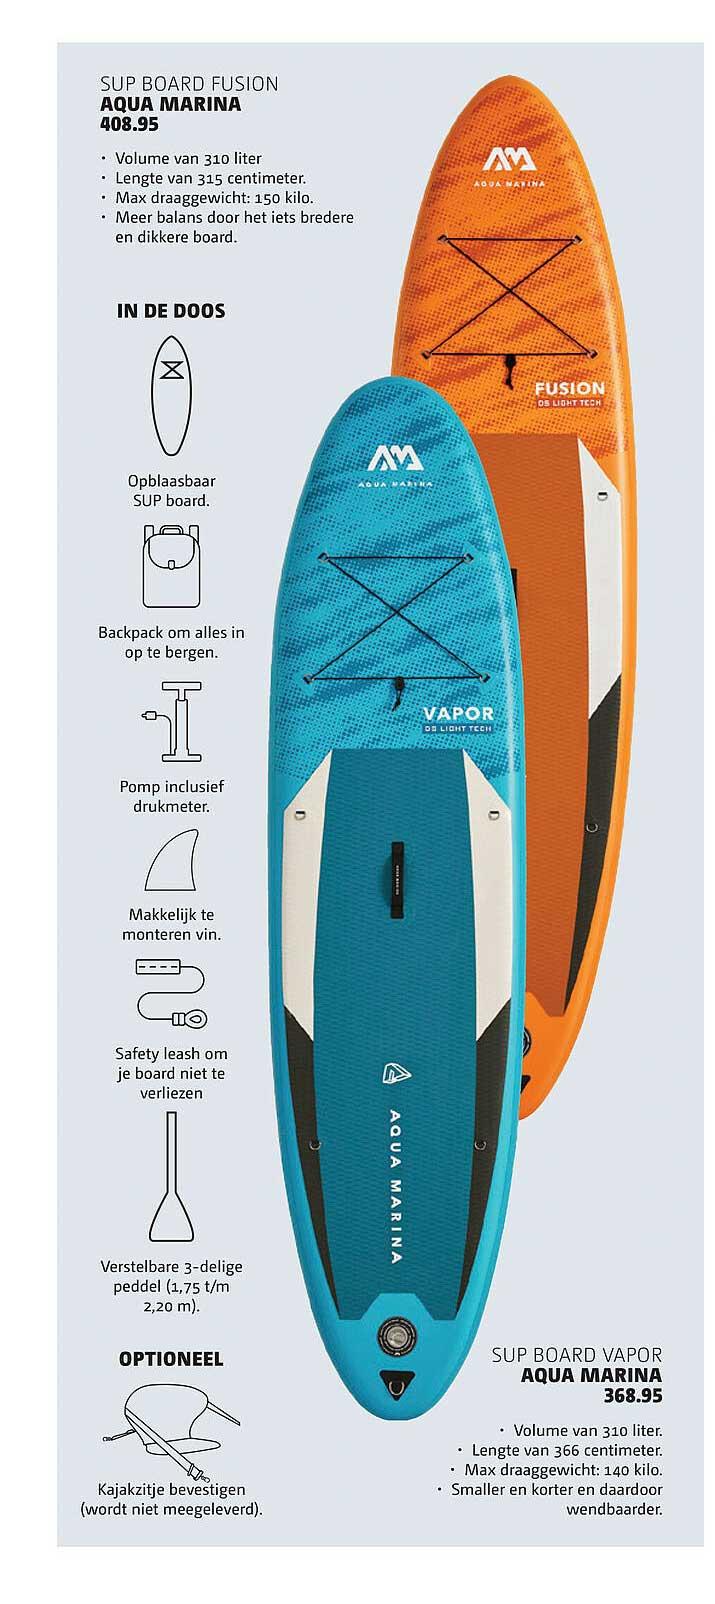 Bever Sup Board Fusion Aqua Marina Of Sup Board Vapor Aqua Marina